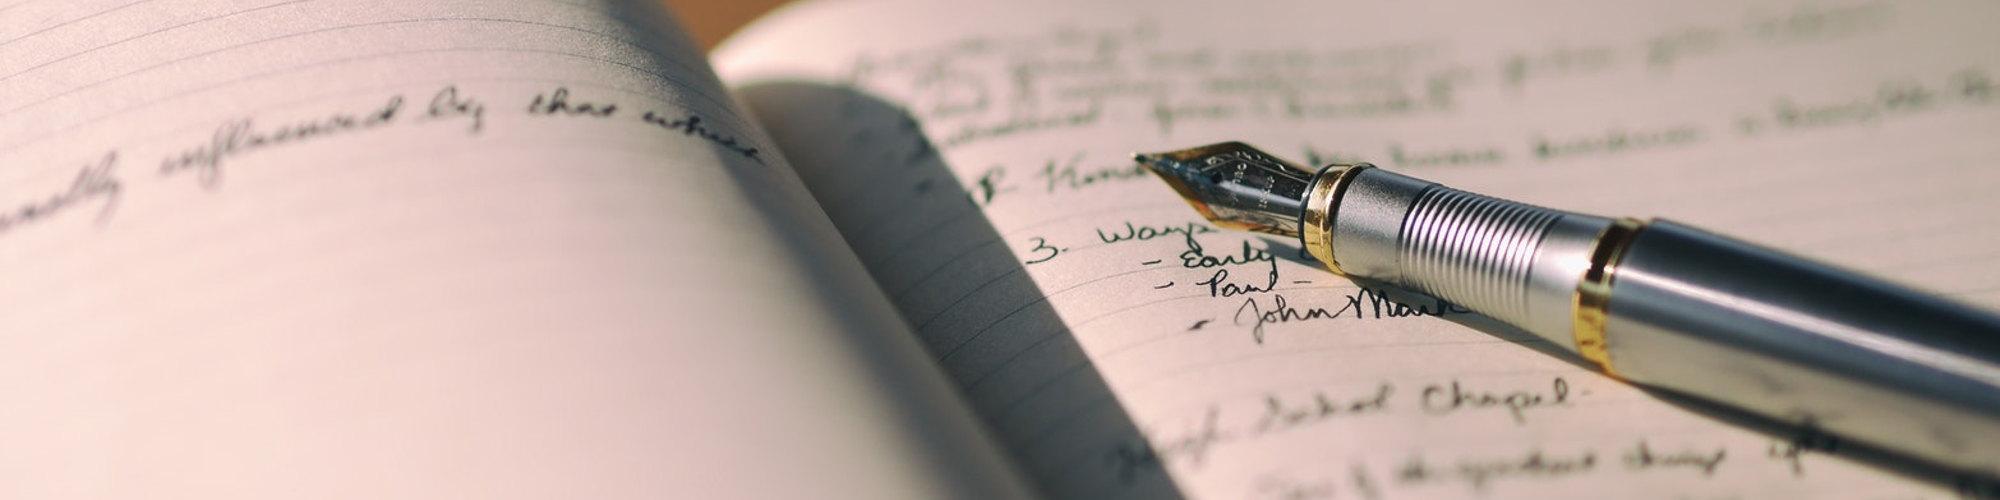 Paulo Nogueira oferece curso Narrativas de Ficção: Como Escrever um Romance